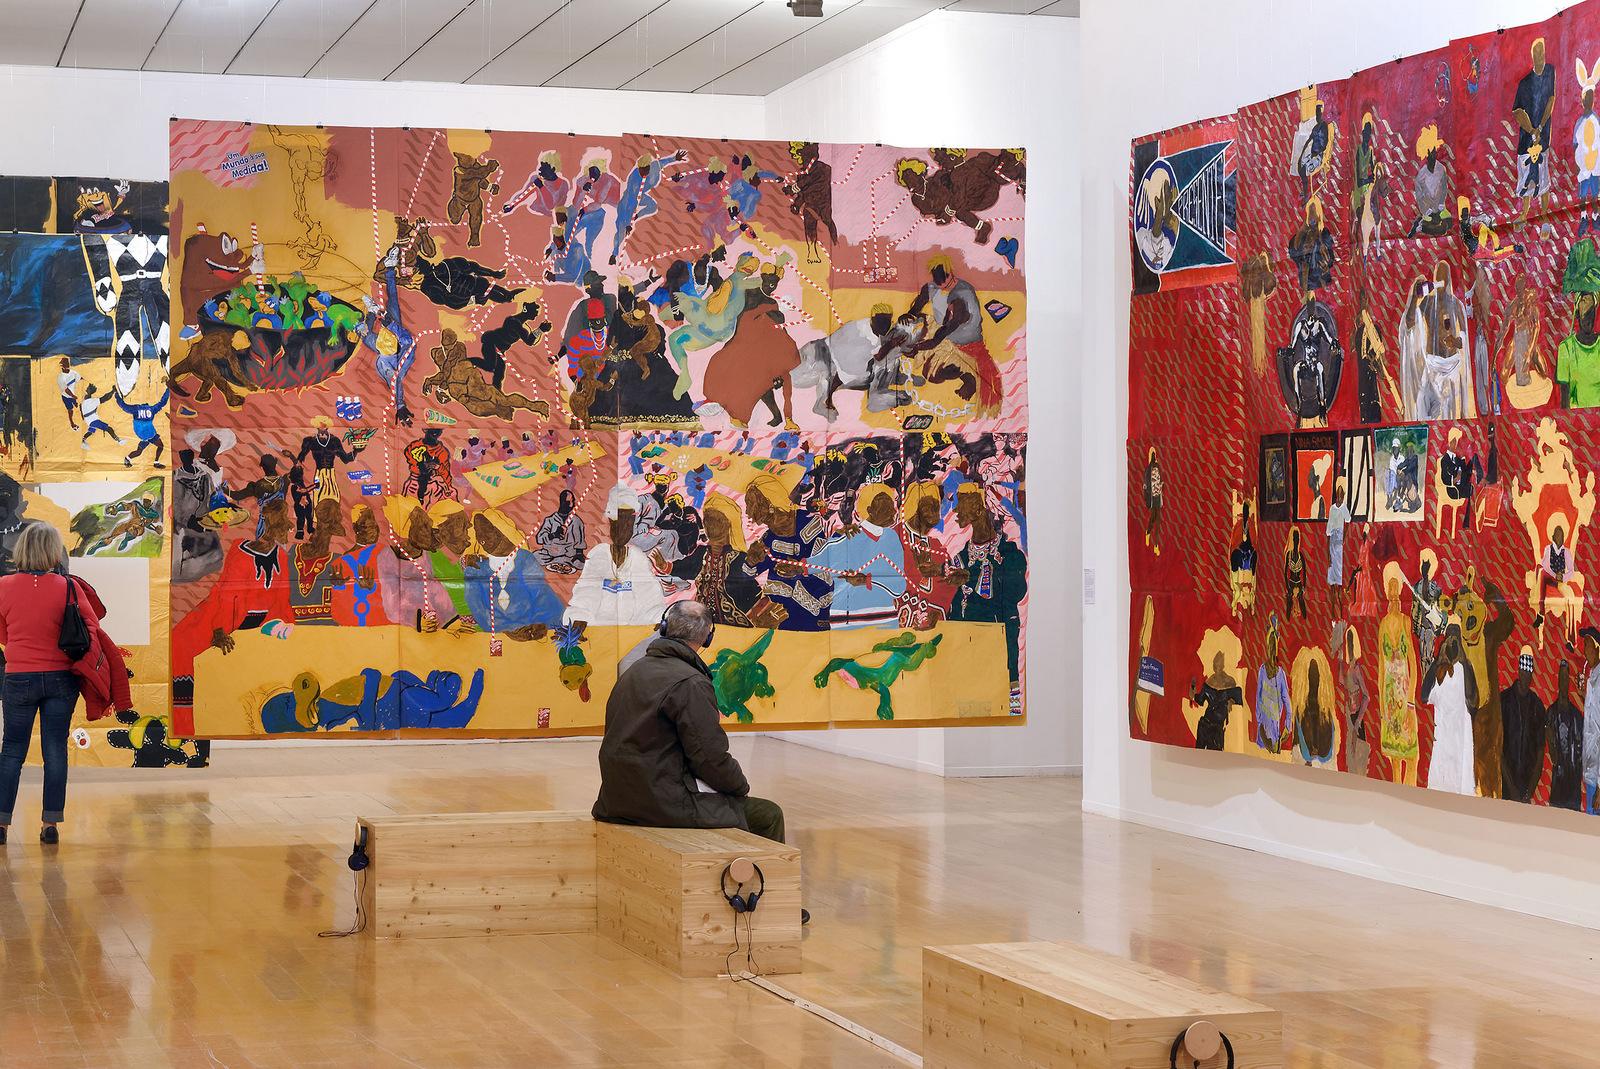 Vue de l'exposition Maxwell Alexandre, Pardo é Papel, au musée d'Art contemporain de Lyon, avril 2019 © Blaise Adilon